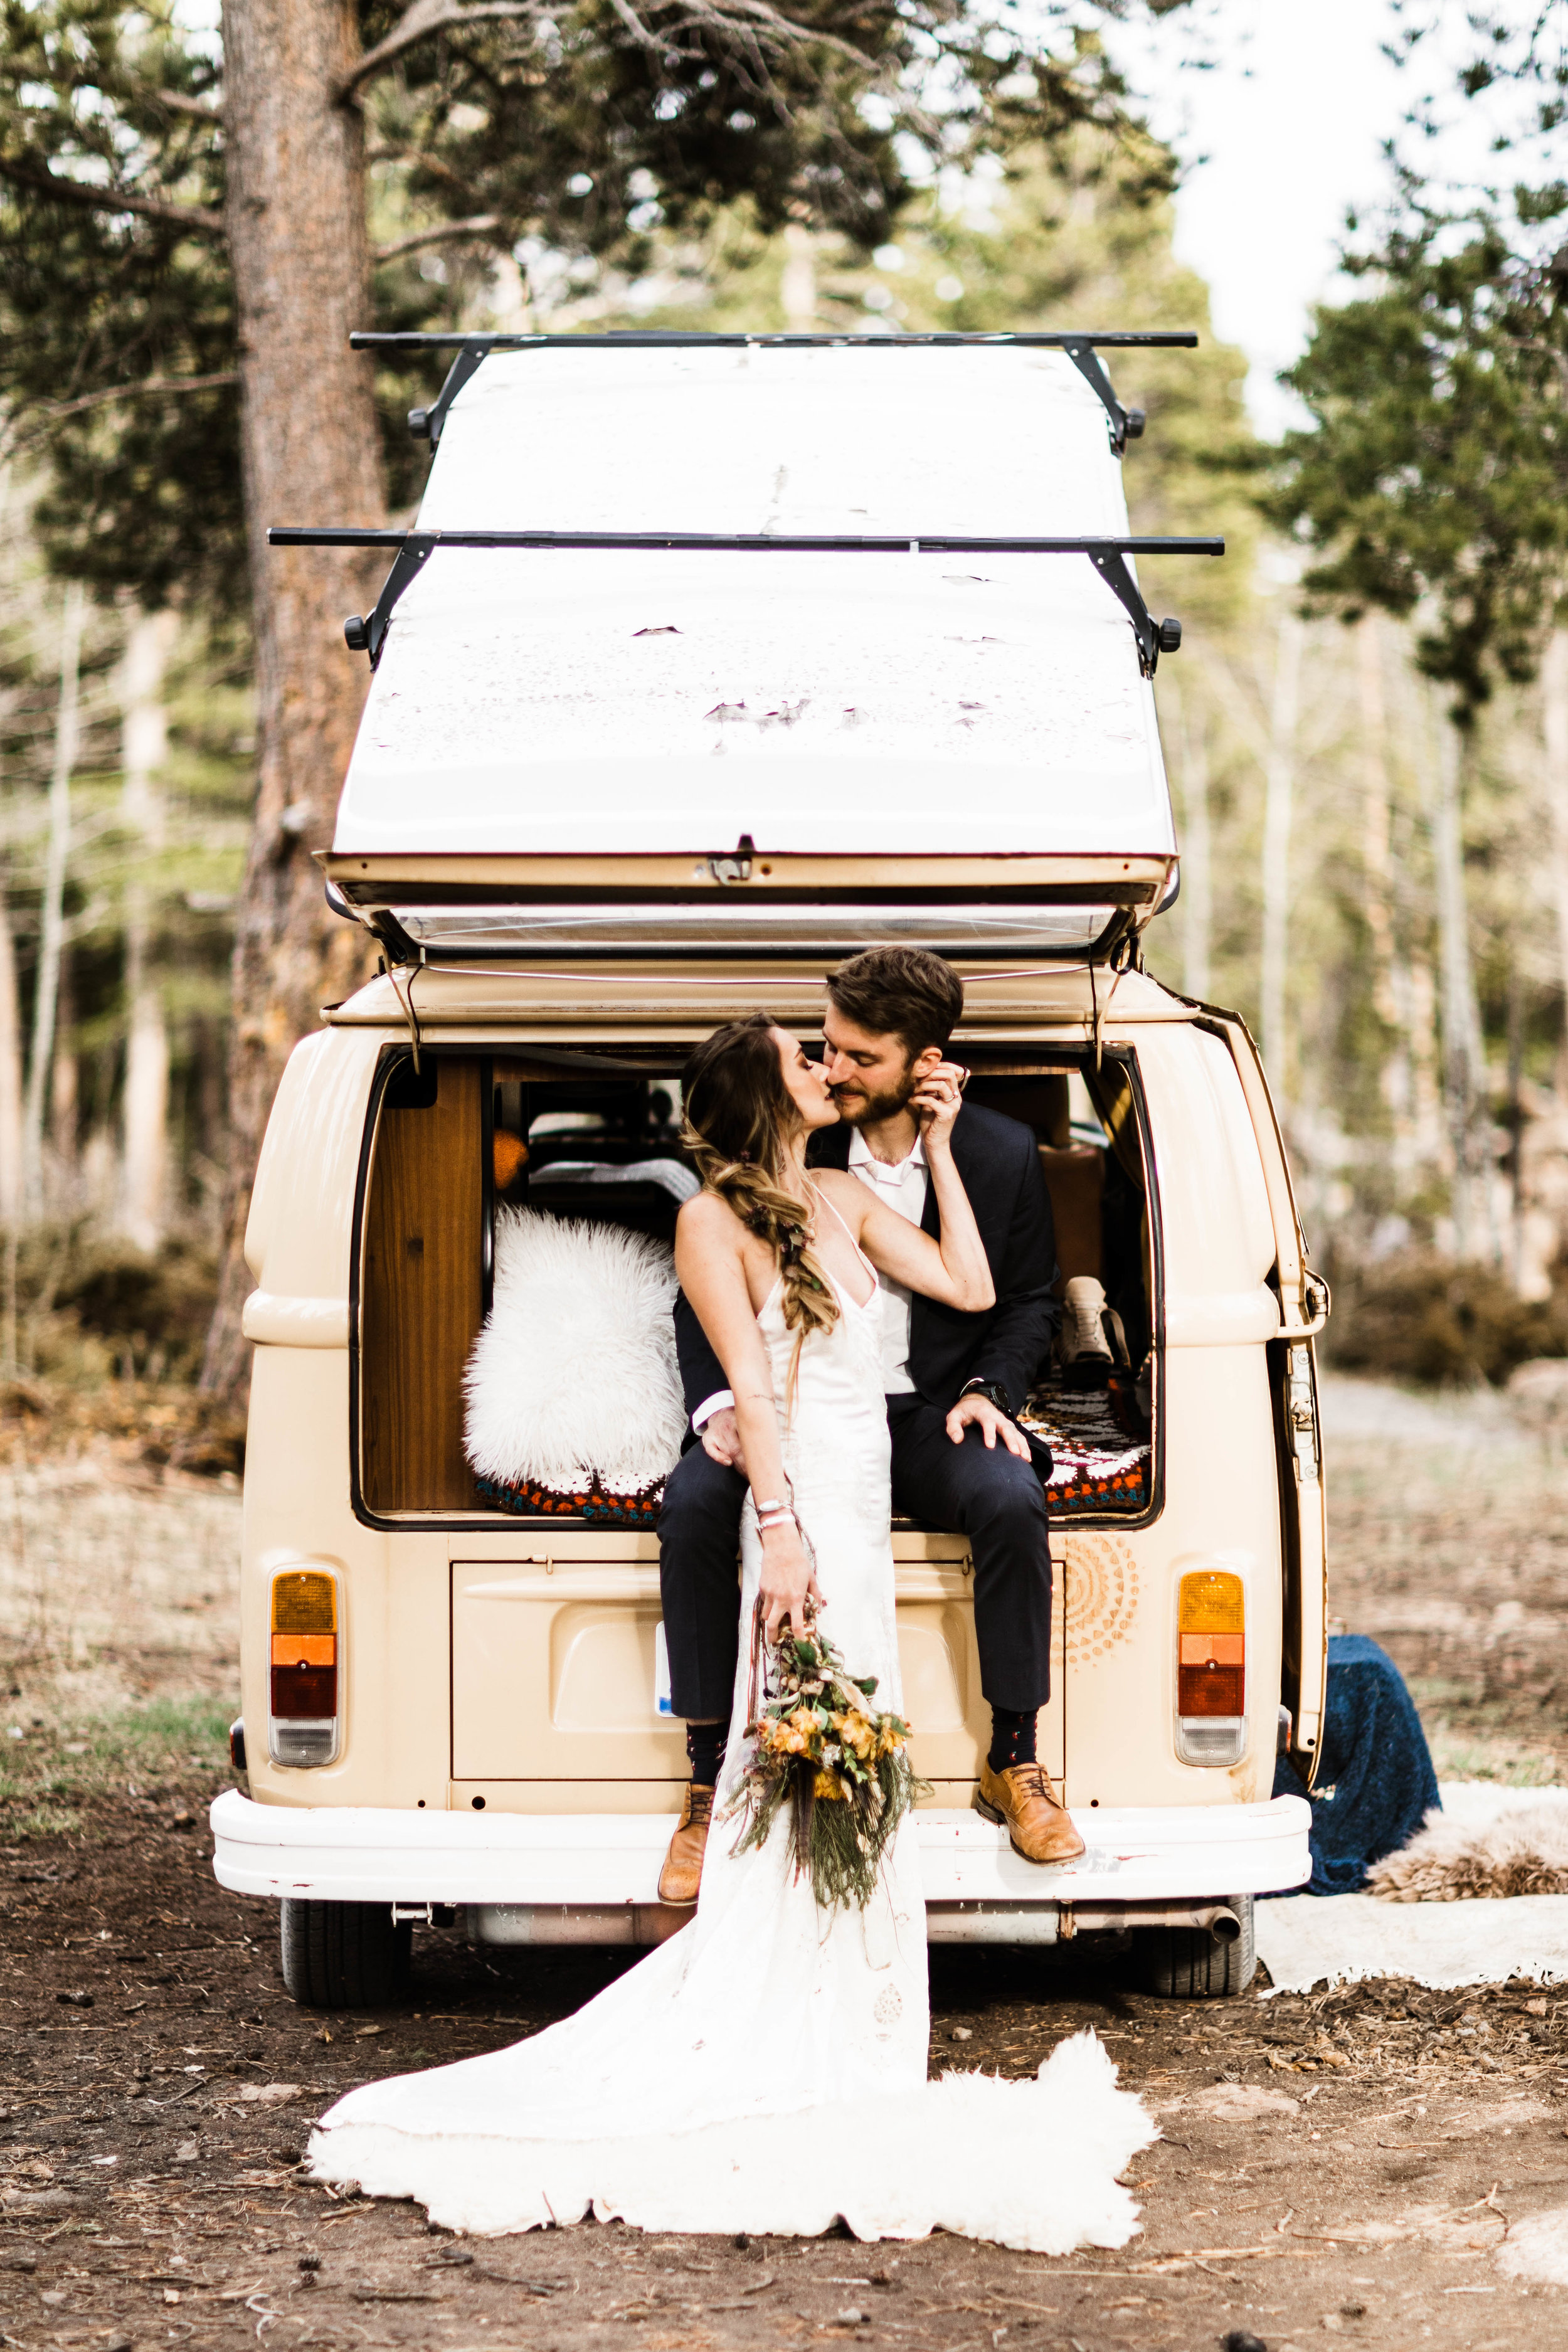 Rocky Mountain Camper Van Life Colorado Elopement | Colorado Adventure Wedding Photographers